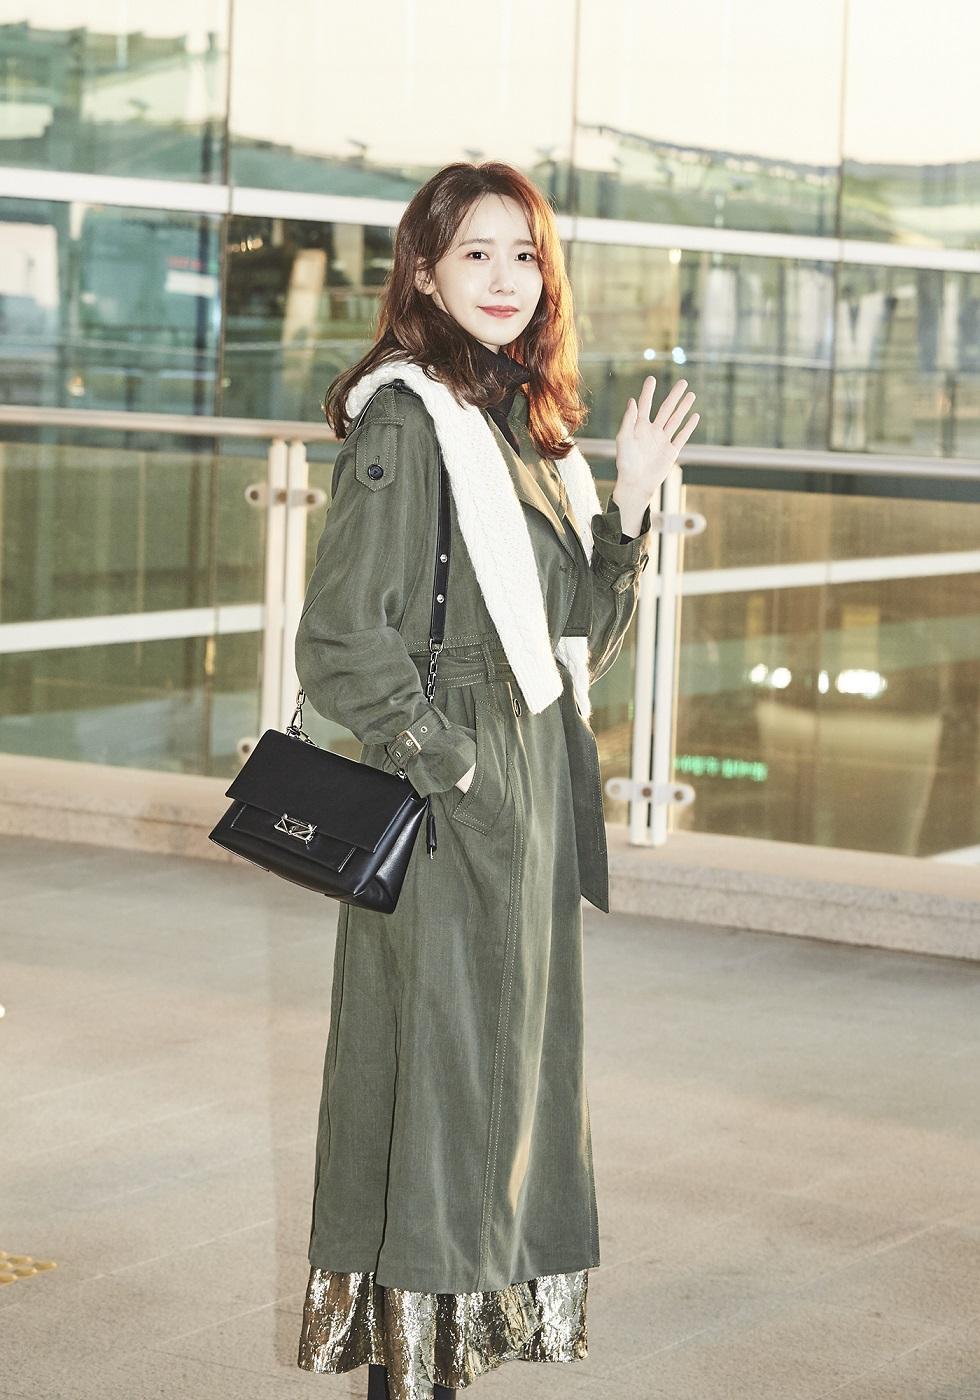 潤娥肩背CECE包現身韓國機場。(MICHAEL KORS提供)